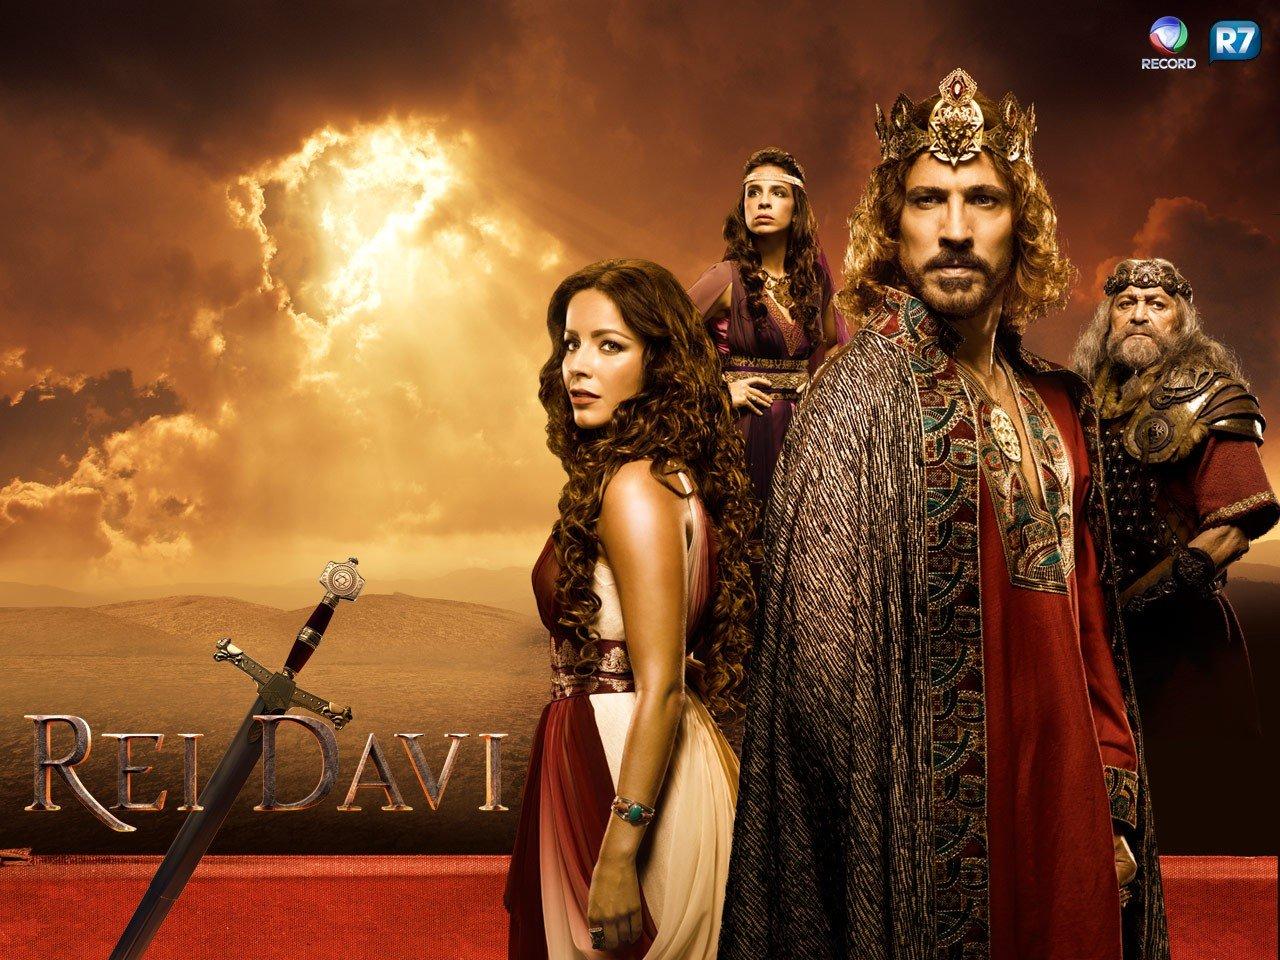 Rei Davi - O filme